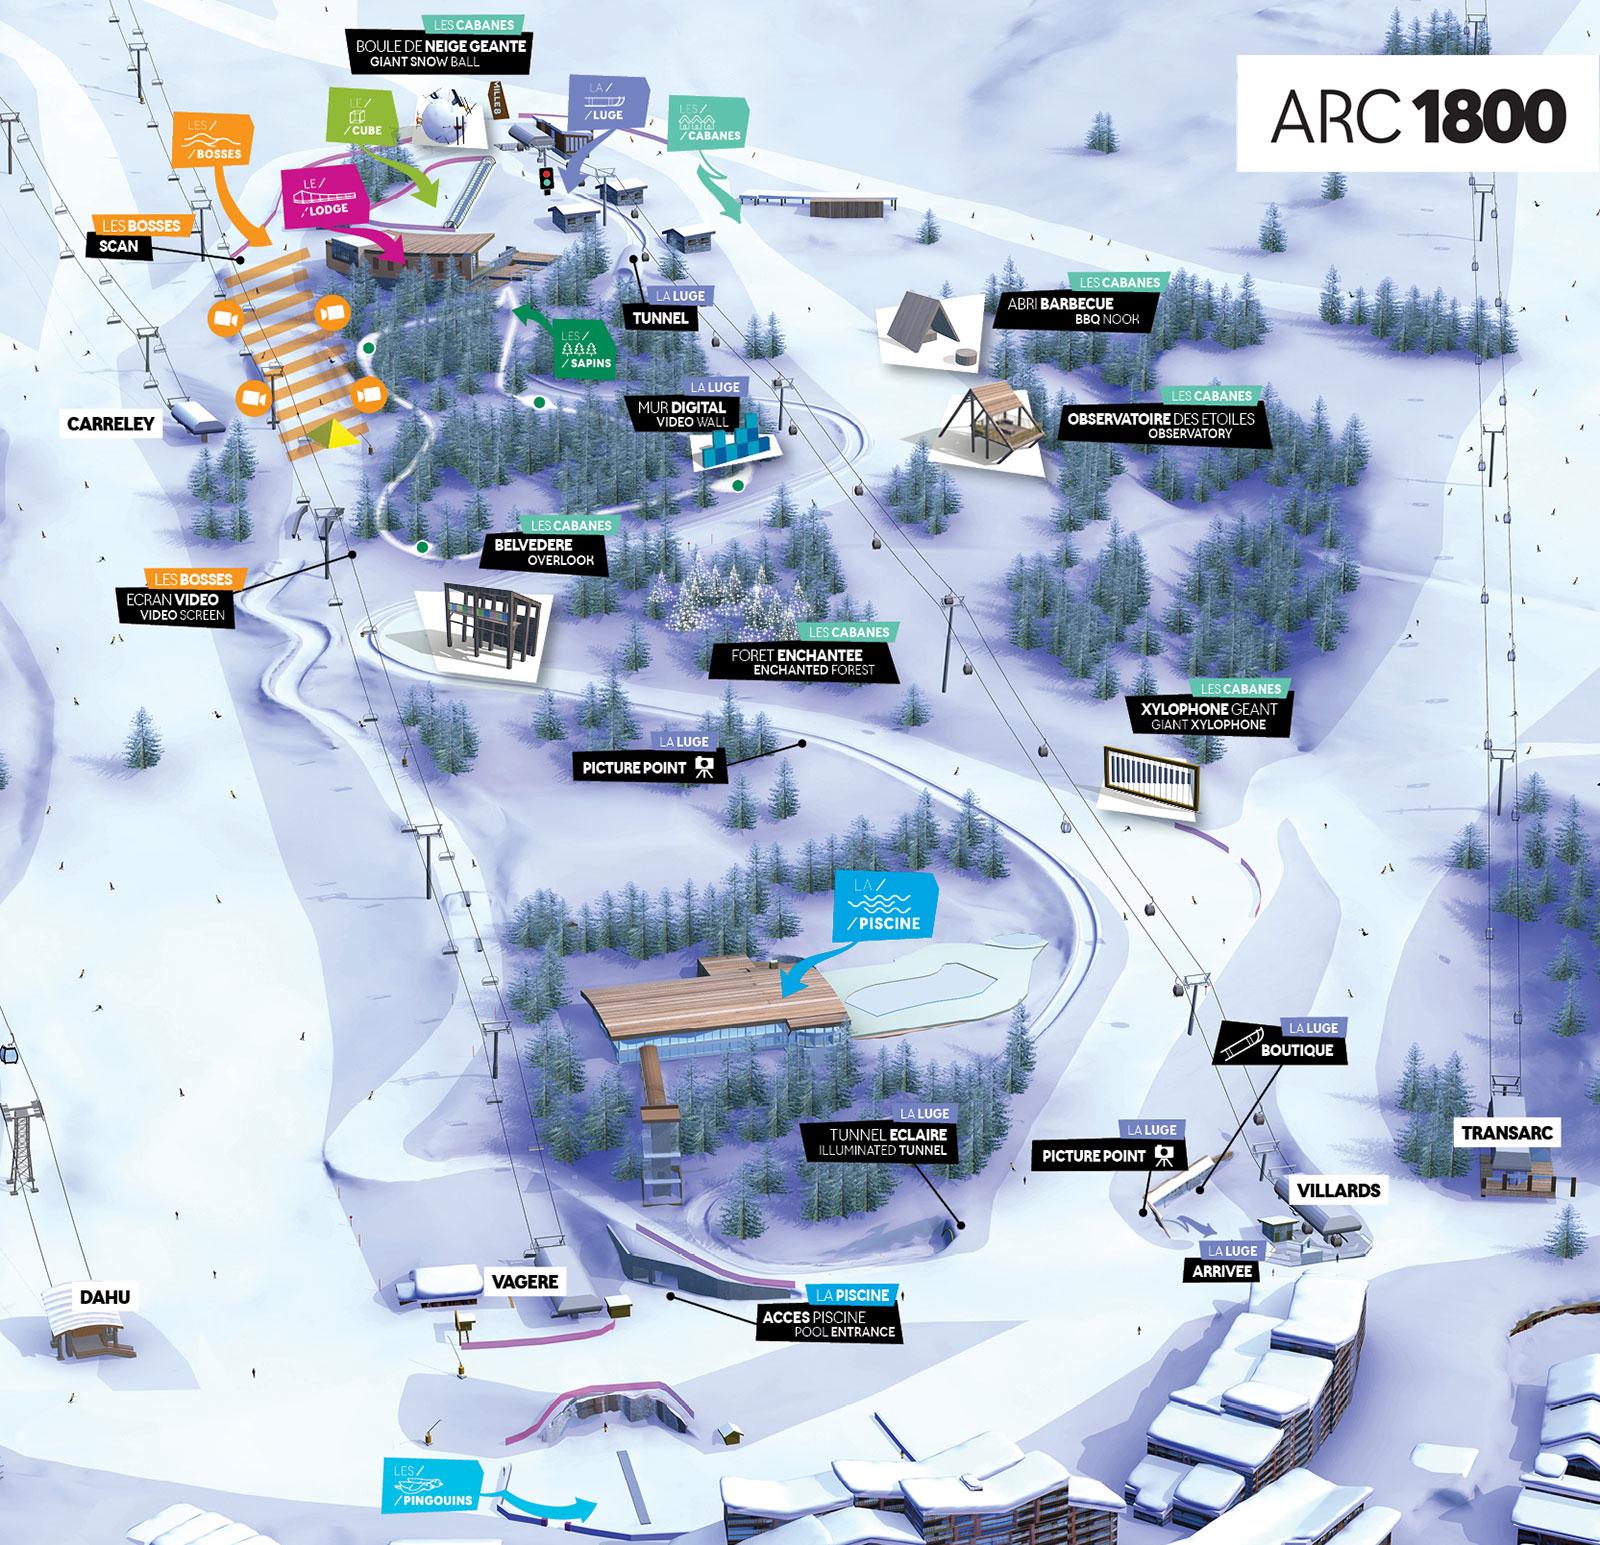 Les Arcs 1800 - Piste Noire encequiconcerne Piscine Arc 1800